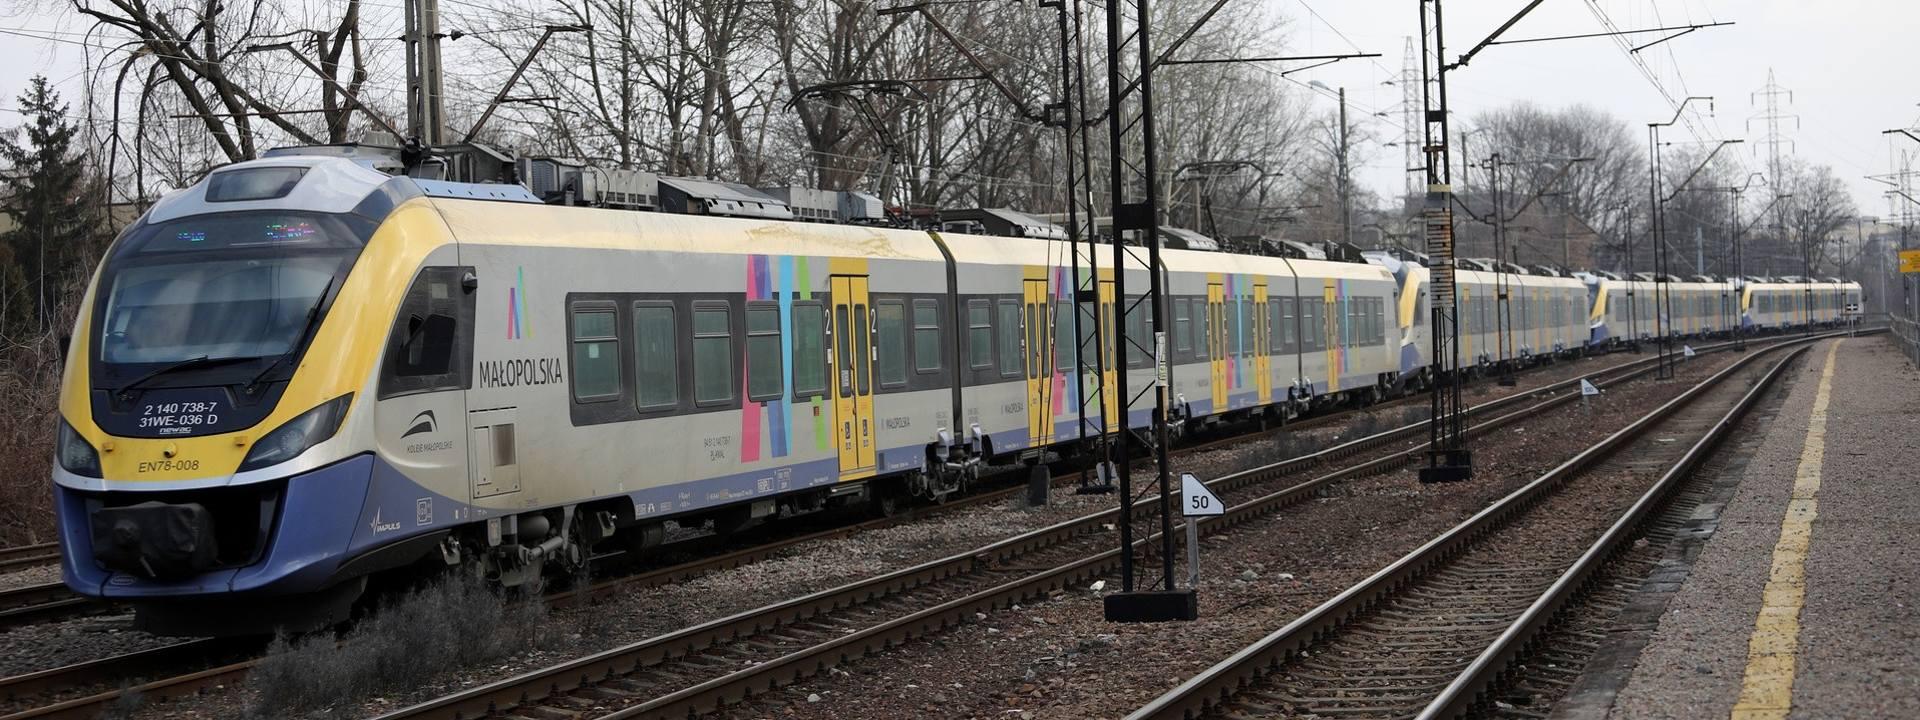 Pomiędzy kursami, Koleje Małopolskie odstawiają swoje pociągi na Olszę. Stoją często z włączonymi silnikami